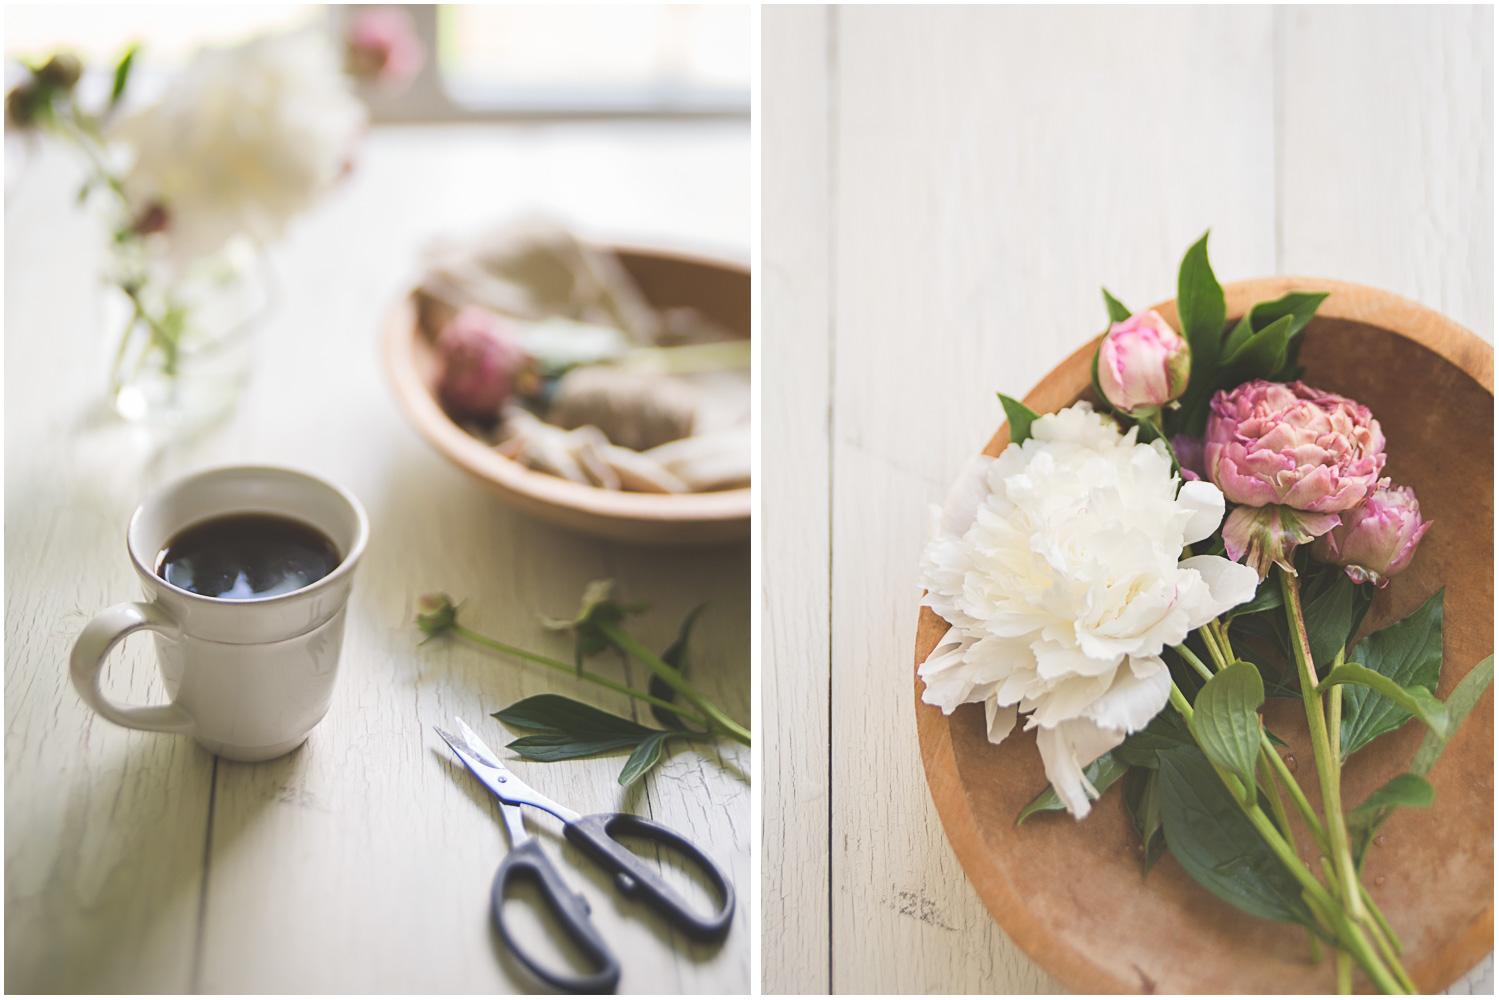 07_June_Flora_Peonies.jpg